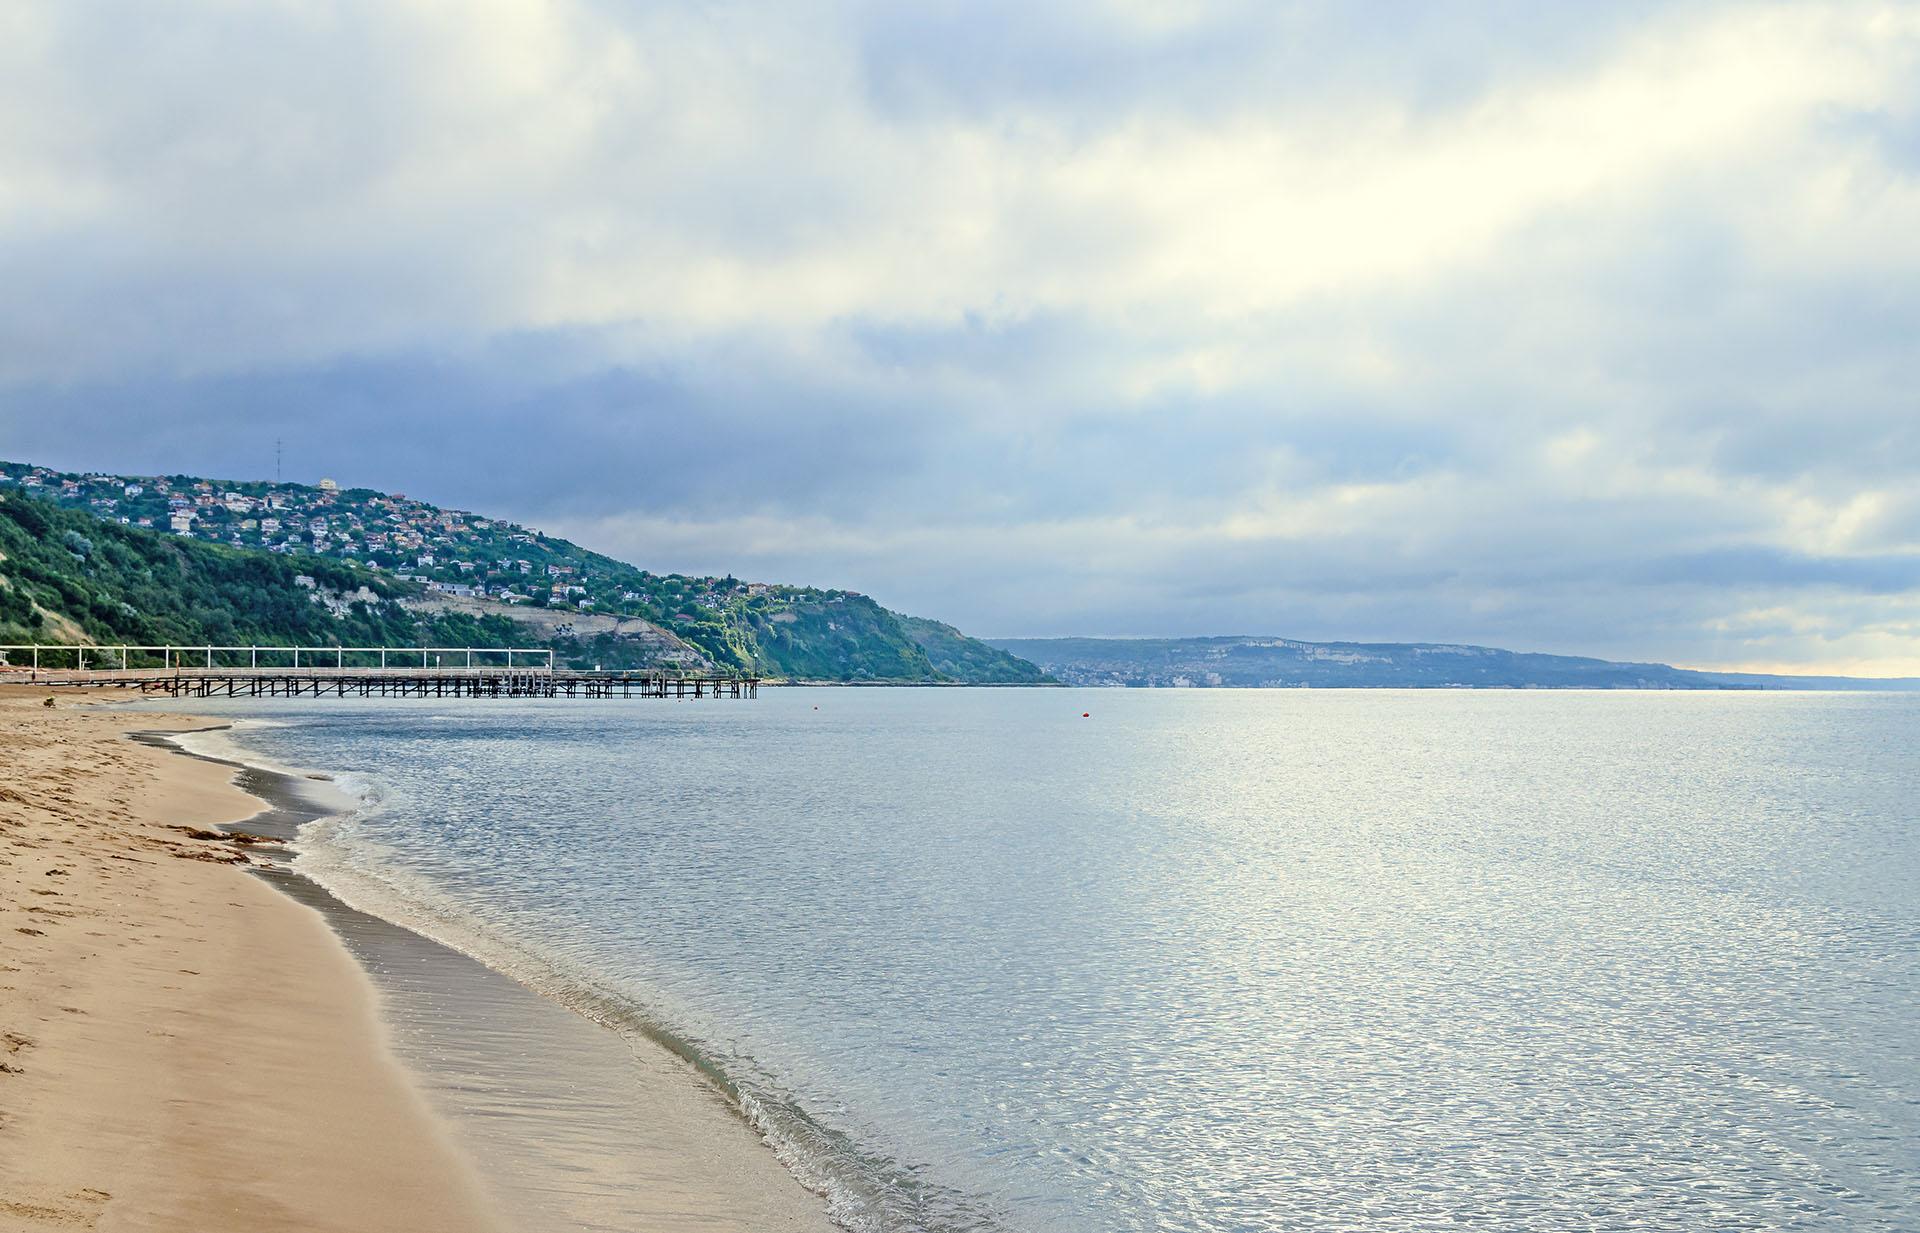 La playa Golden Sands se encuentra cerca de Varna, la ciudad más popular de Bulgaria y es una de las playas más hermosas de toda la región. El agua es clara y la temperatura perfecta para nadar, y la arena hace honor al nombre por su color dorado sinigual